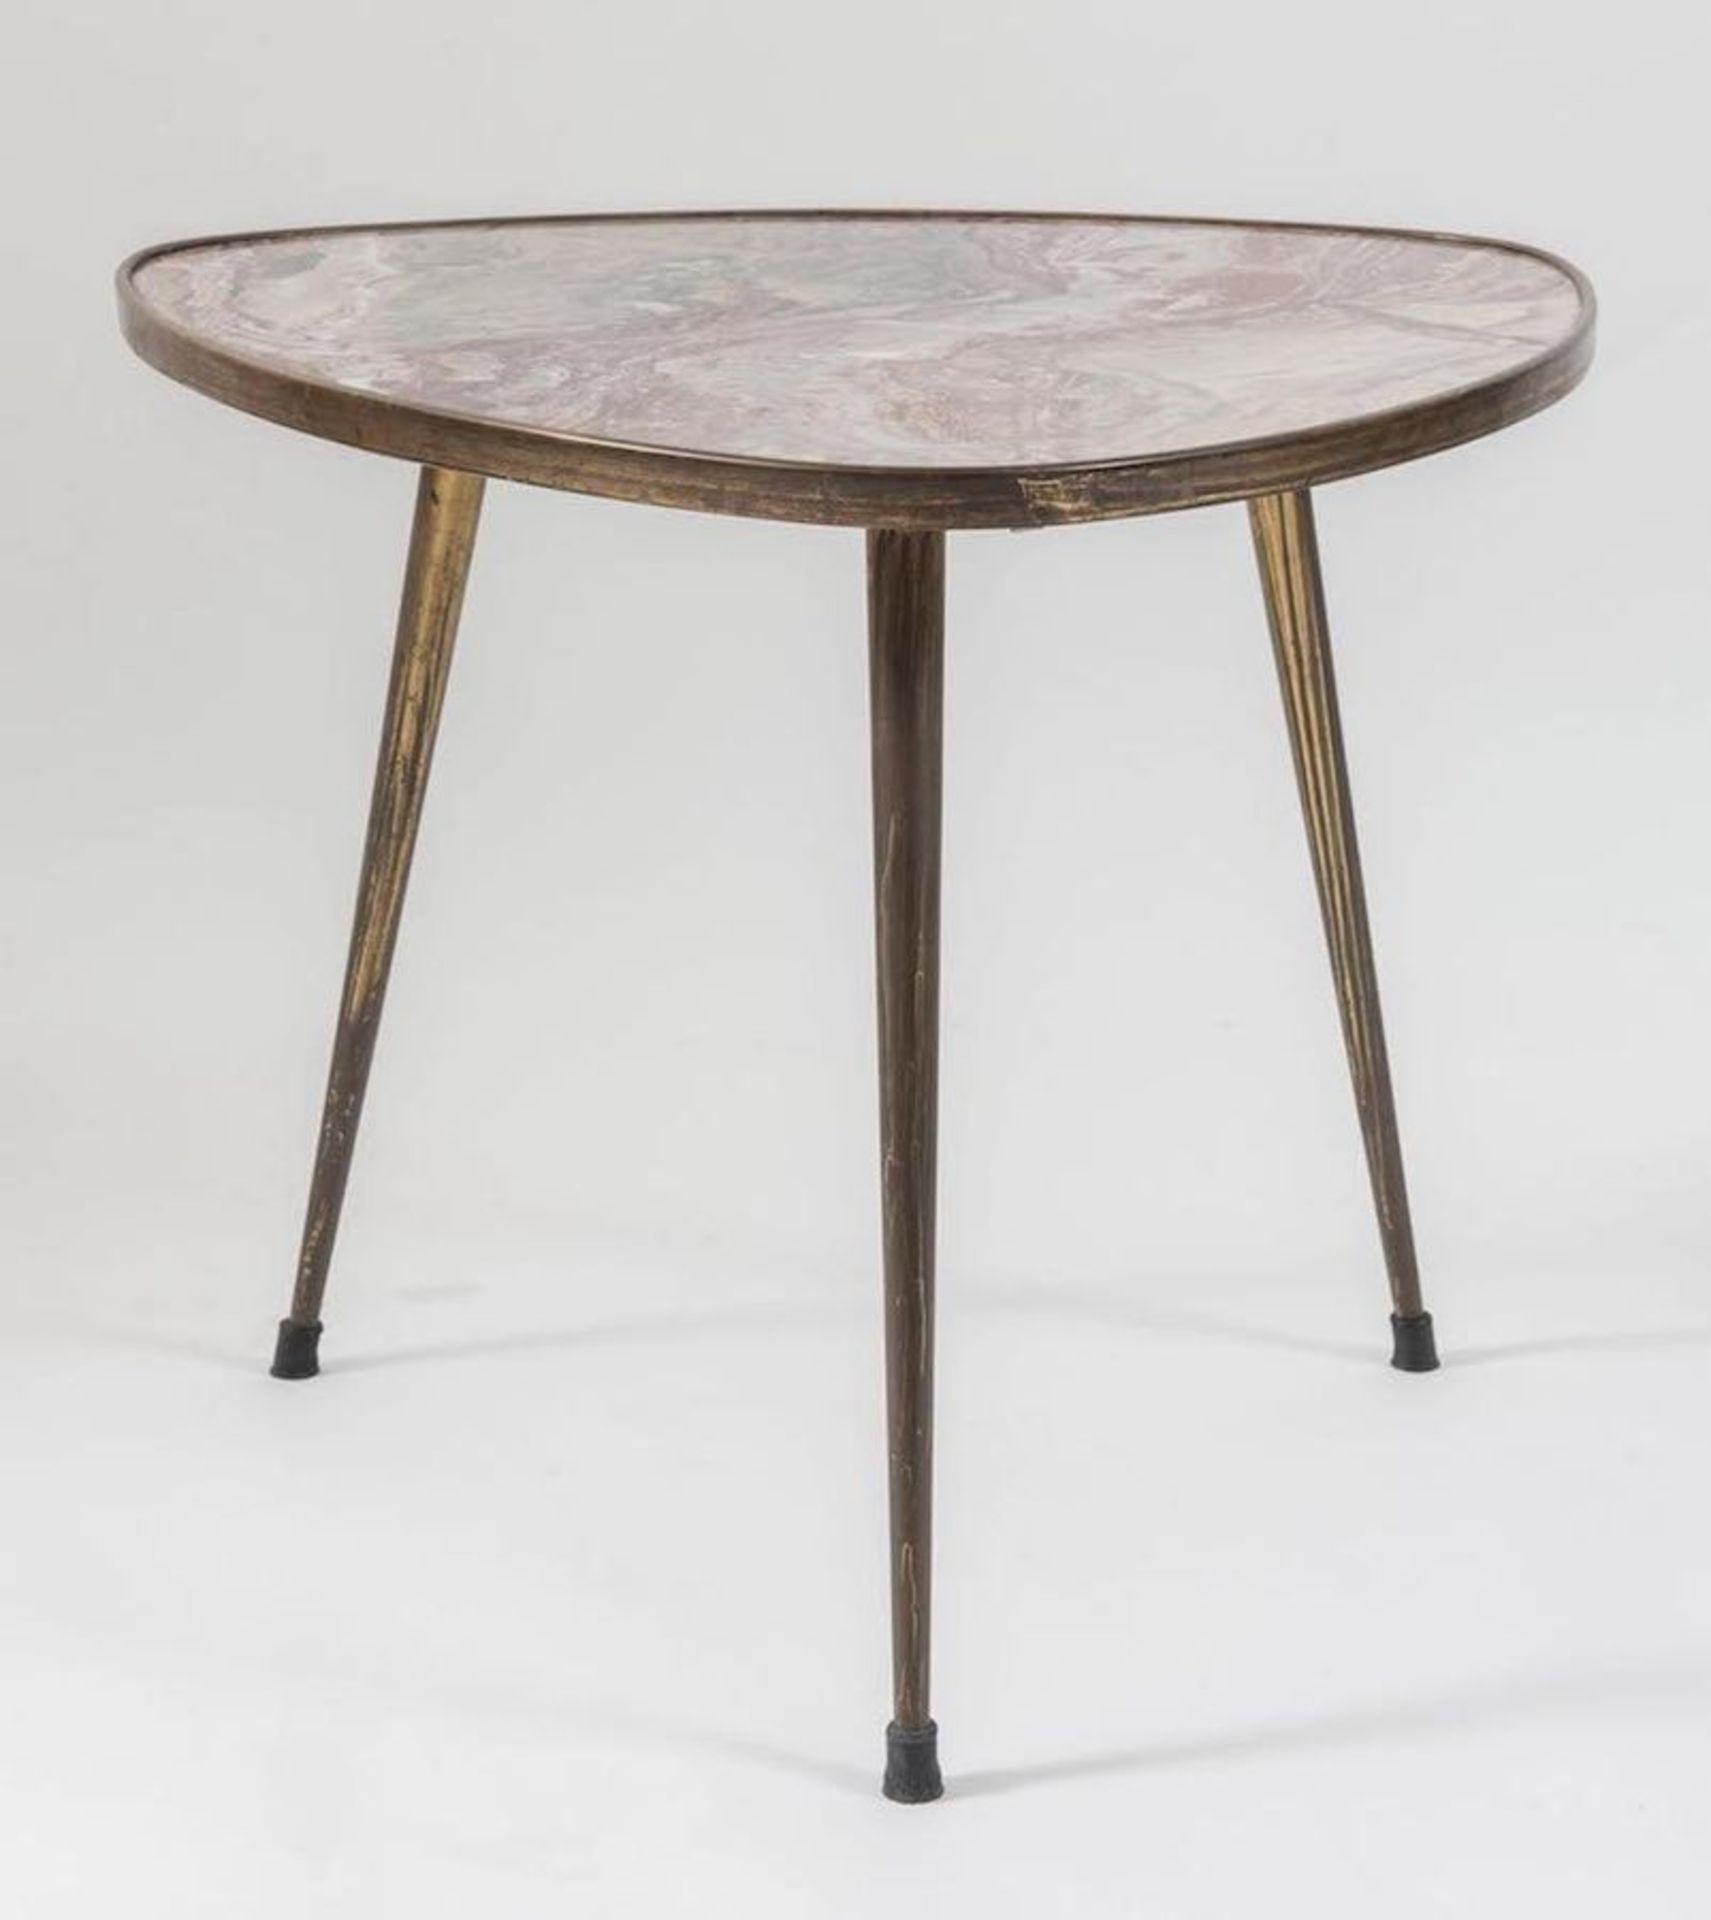 Tavolino da caffè in ottone con piano in marmo. Prod. Italia, 1950 ca. Cm 62,5x57x50.